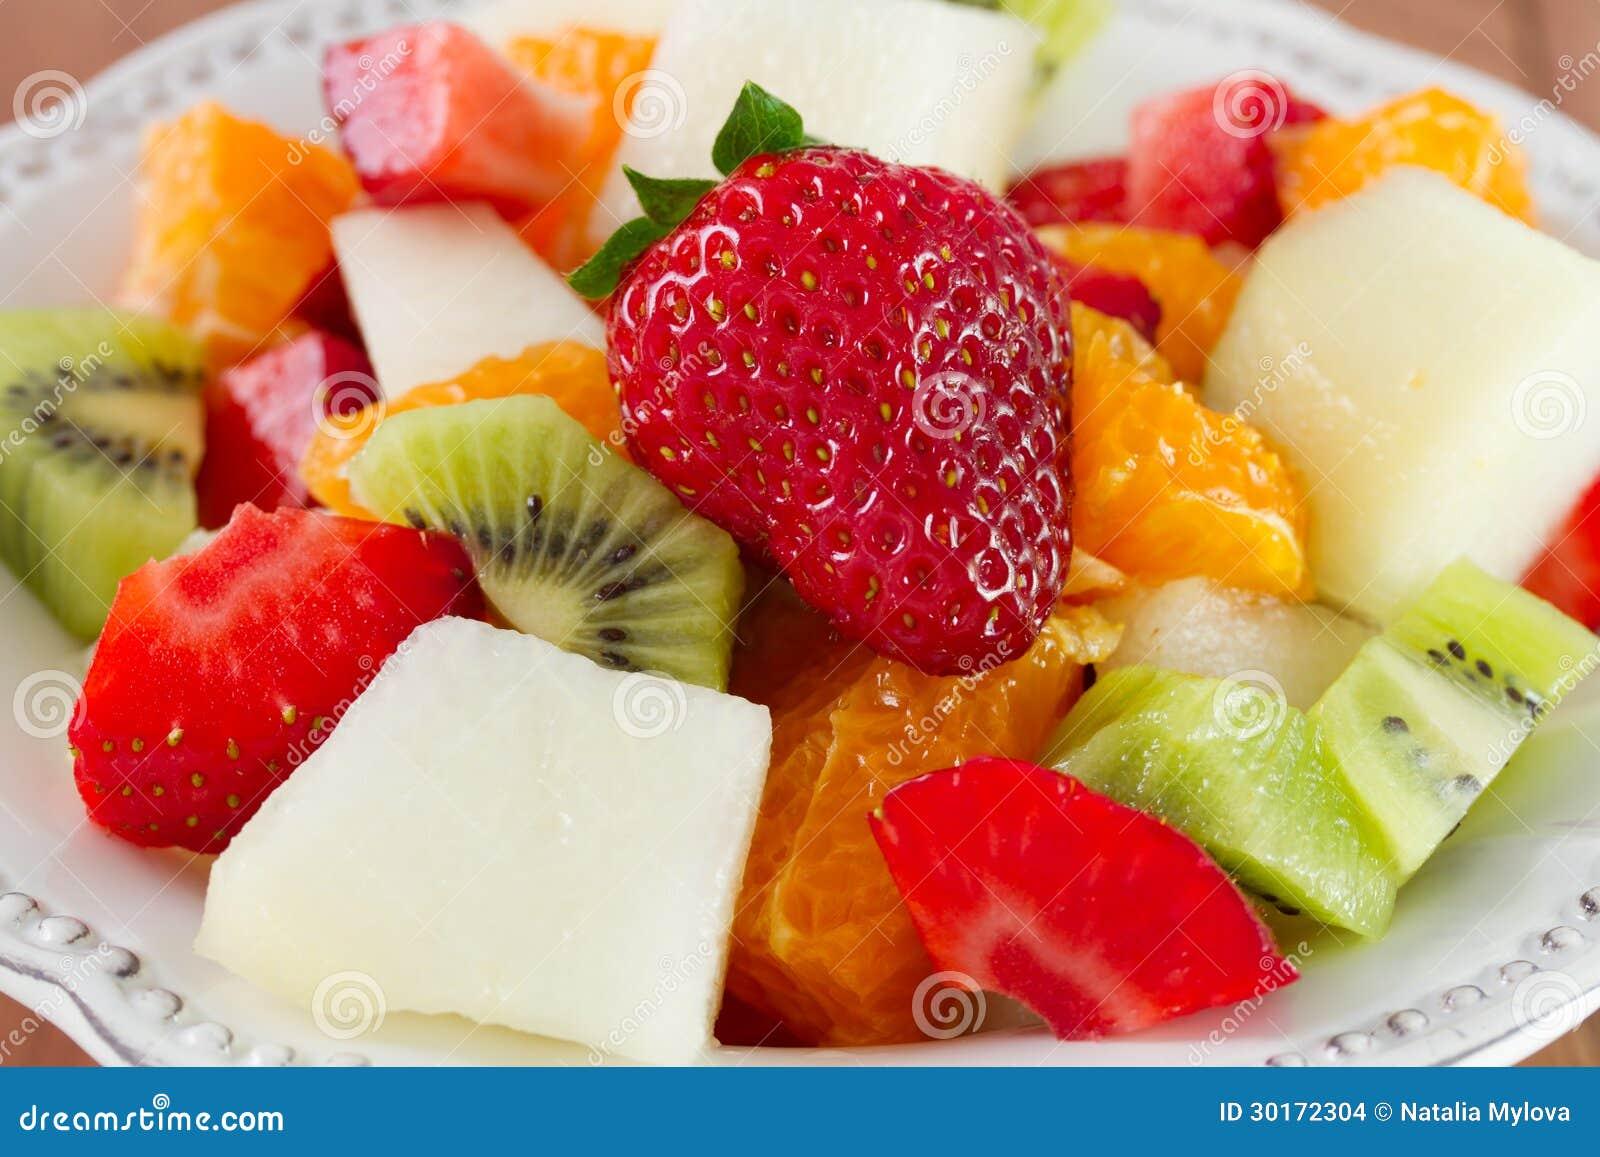 fruit salad healthy fruit images